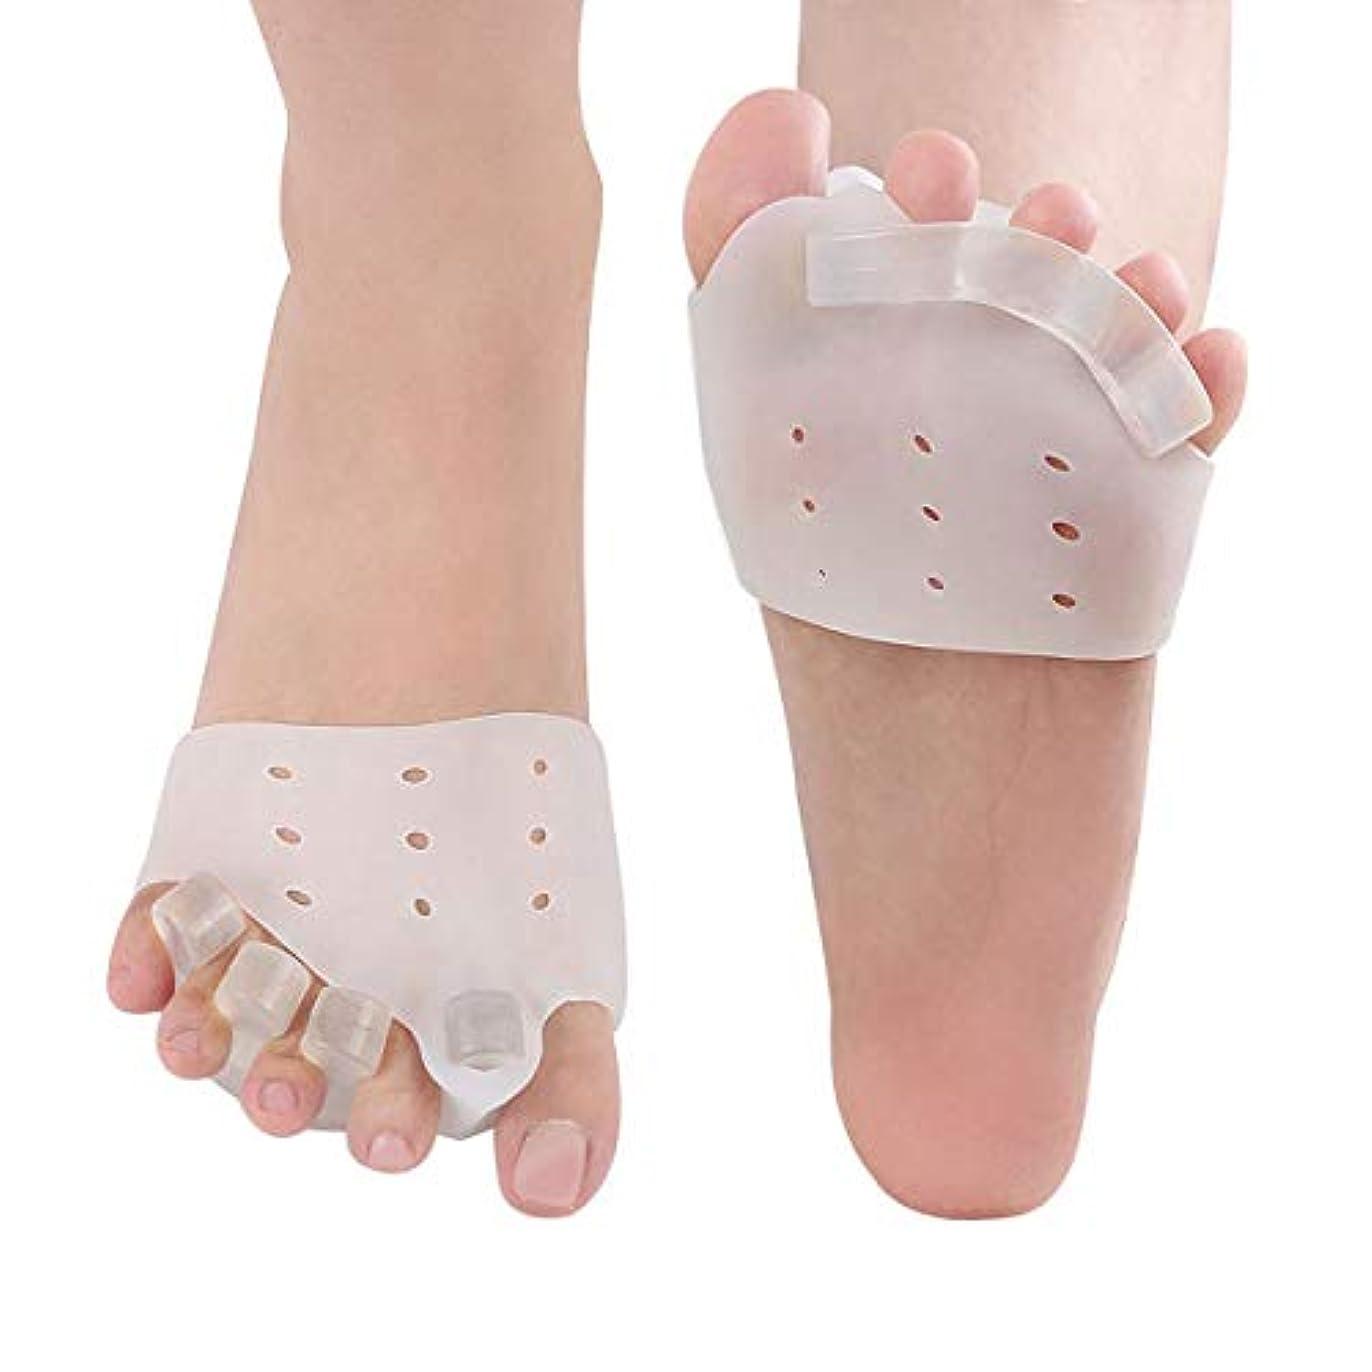 足指パッド セパレーター 矯正 足指を広げる 外反母趾矯正 内反小趾 サポーター 足指矯正パッド 足指分離 足指 シリコンパッド 足用保護パッド 足の痛みを軽減 男女兼用 左右兼用 (左右セット)